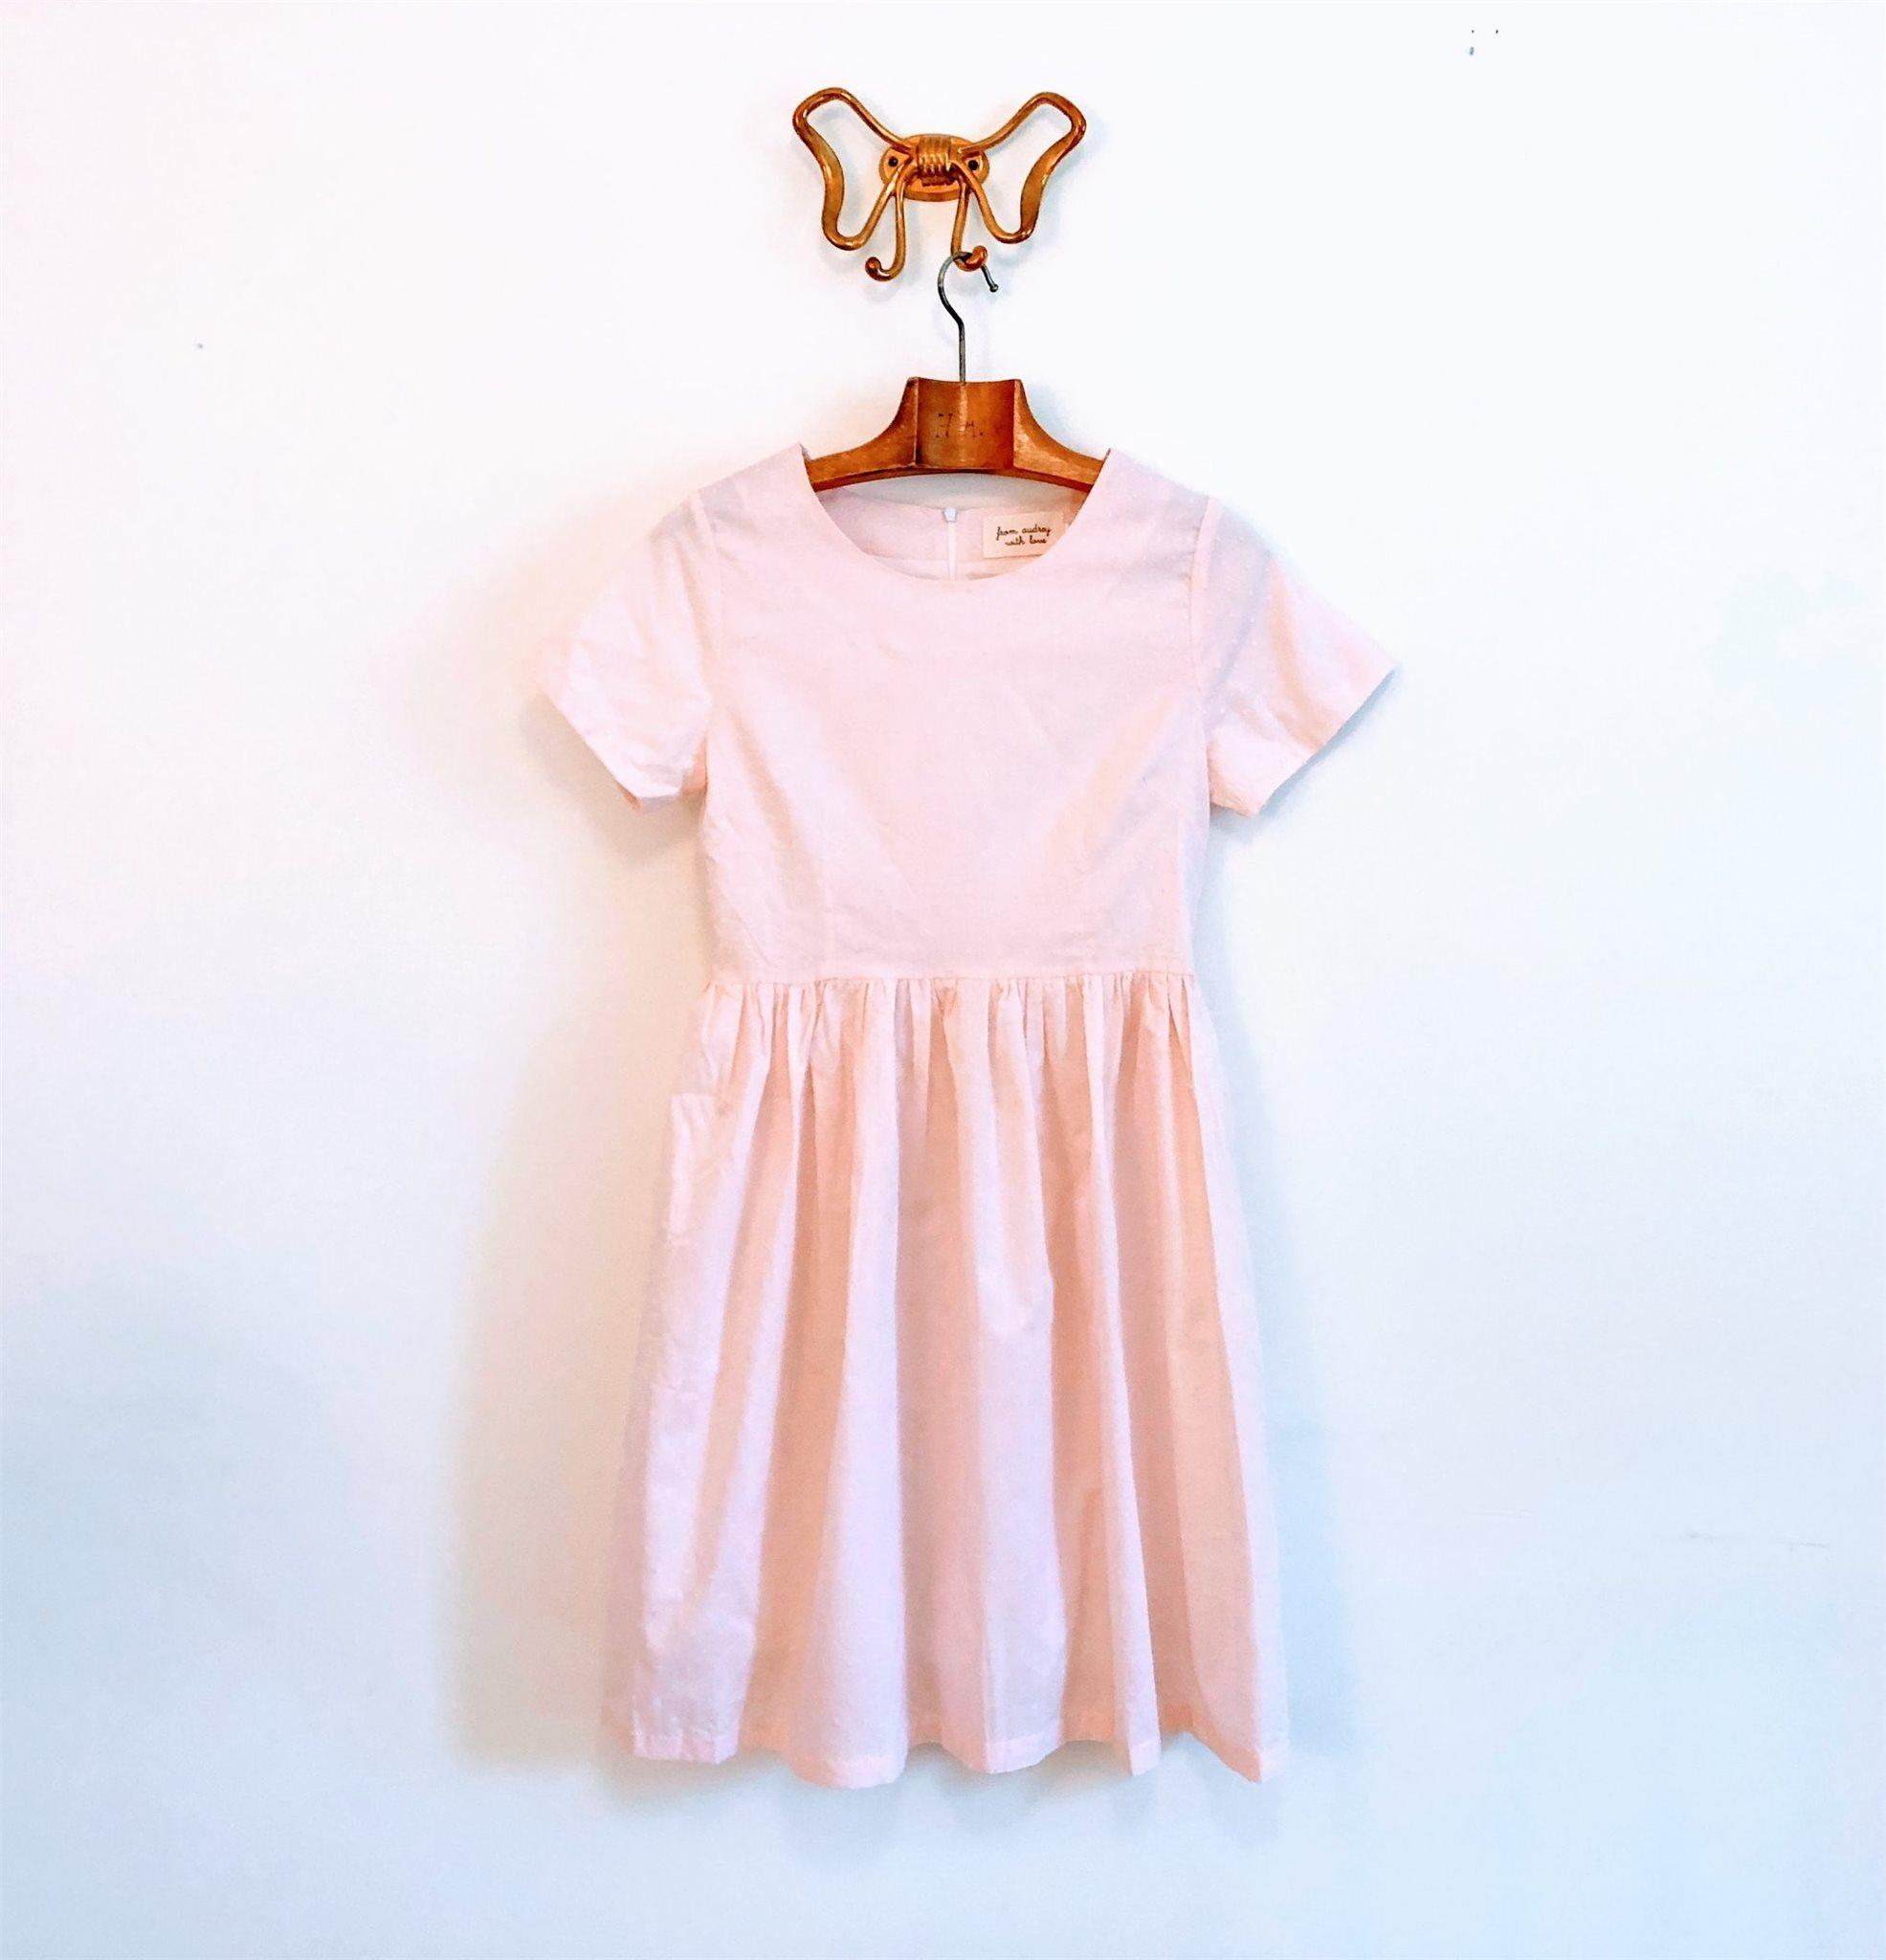 Klänning bomullsklänning ljusrosa med prickar s.. (340385043) ᐈ Köp ... f6940f0f1daa6